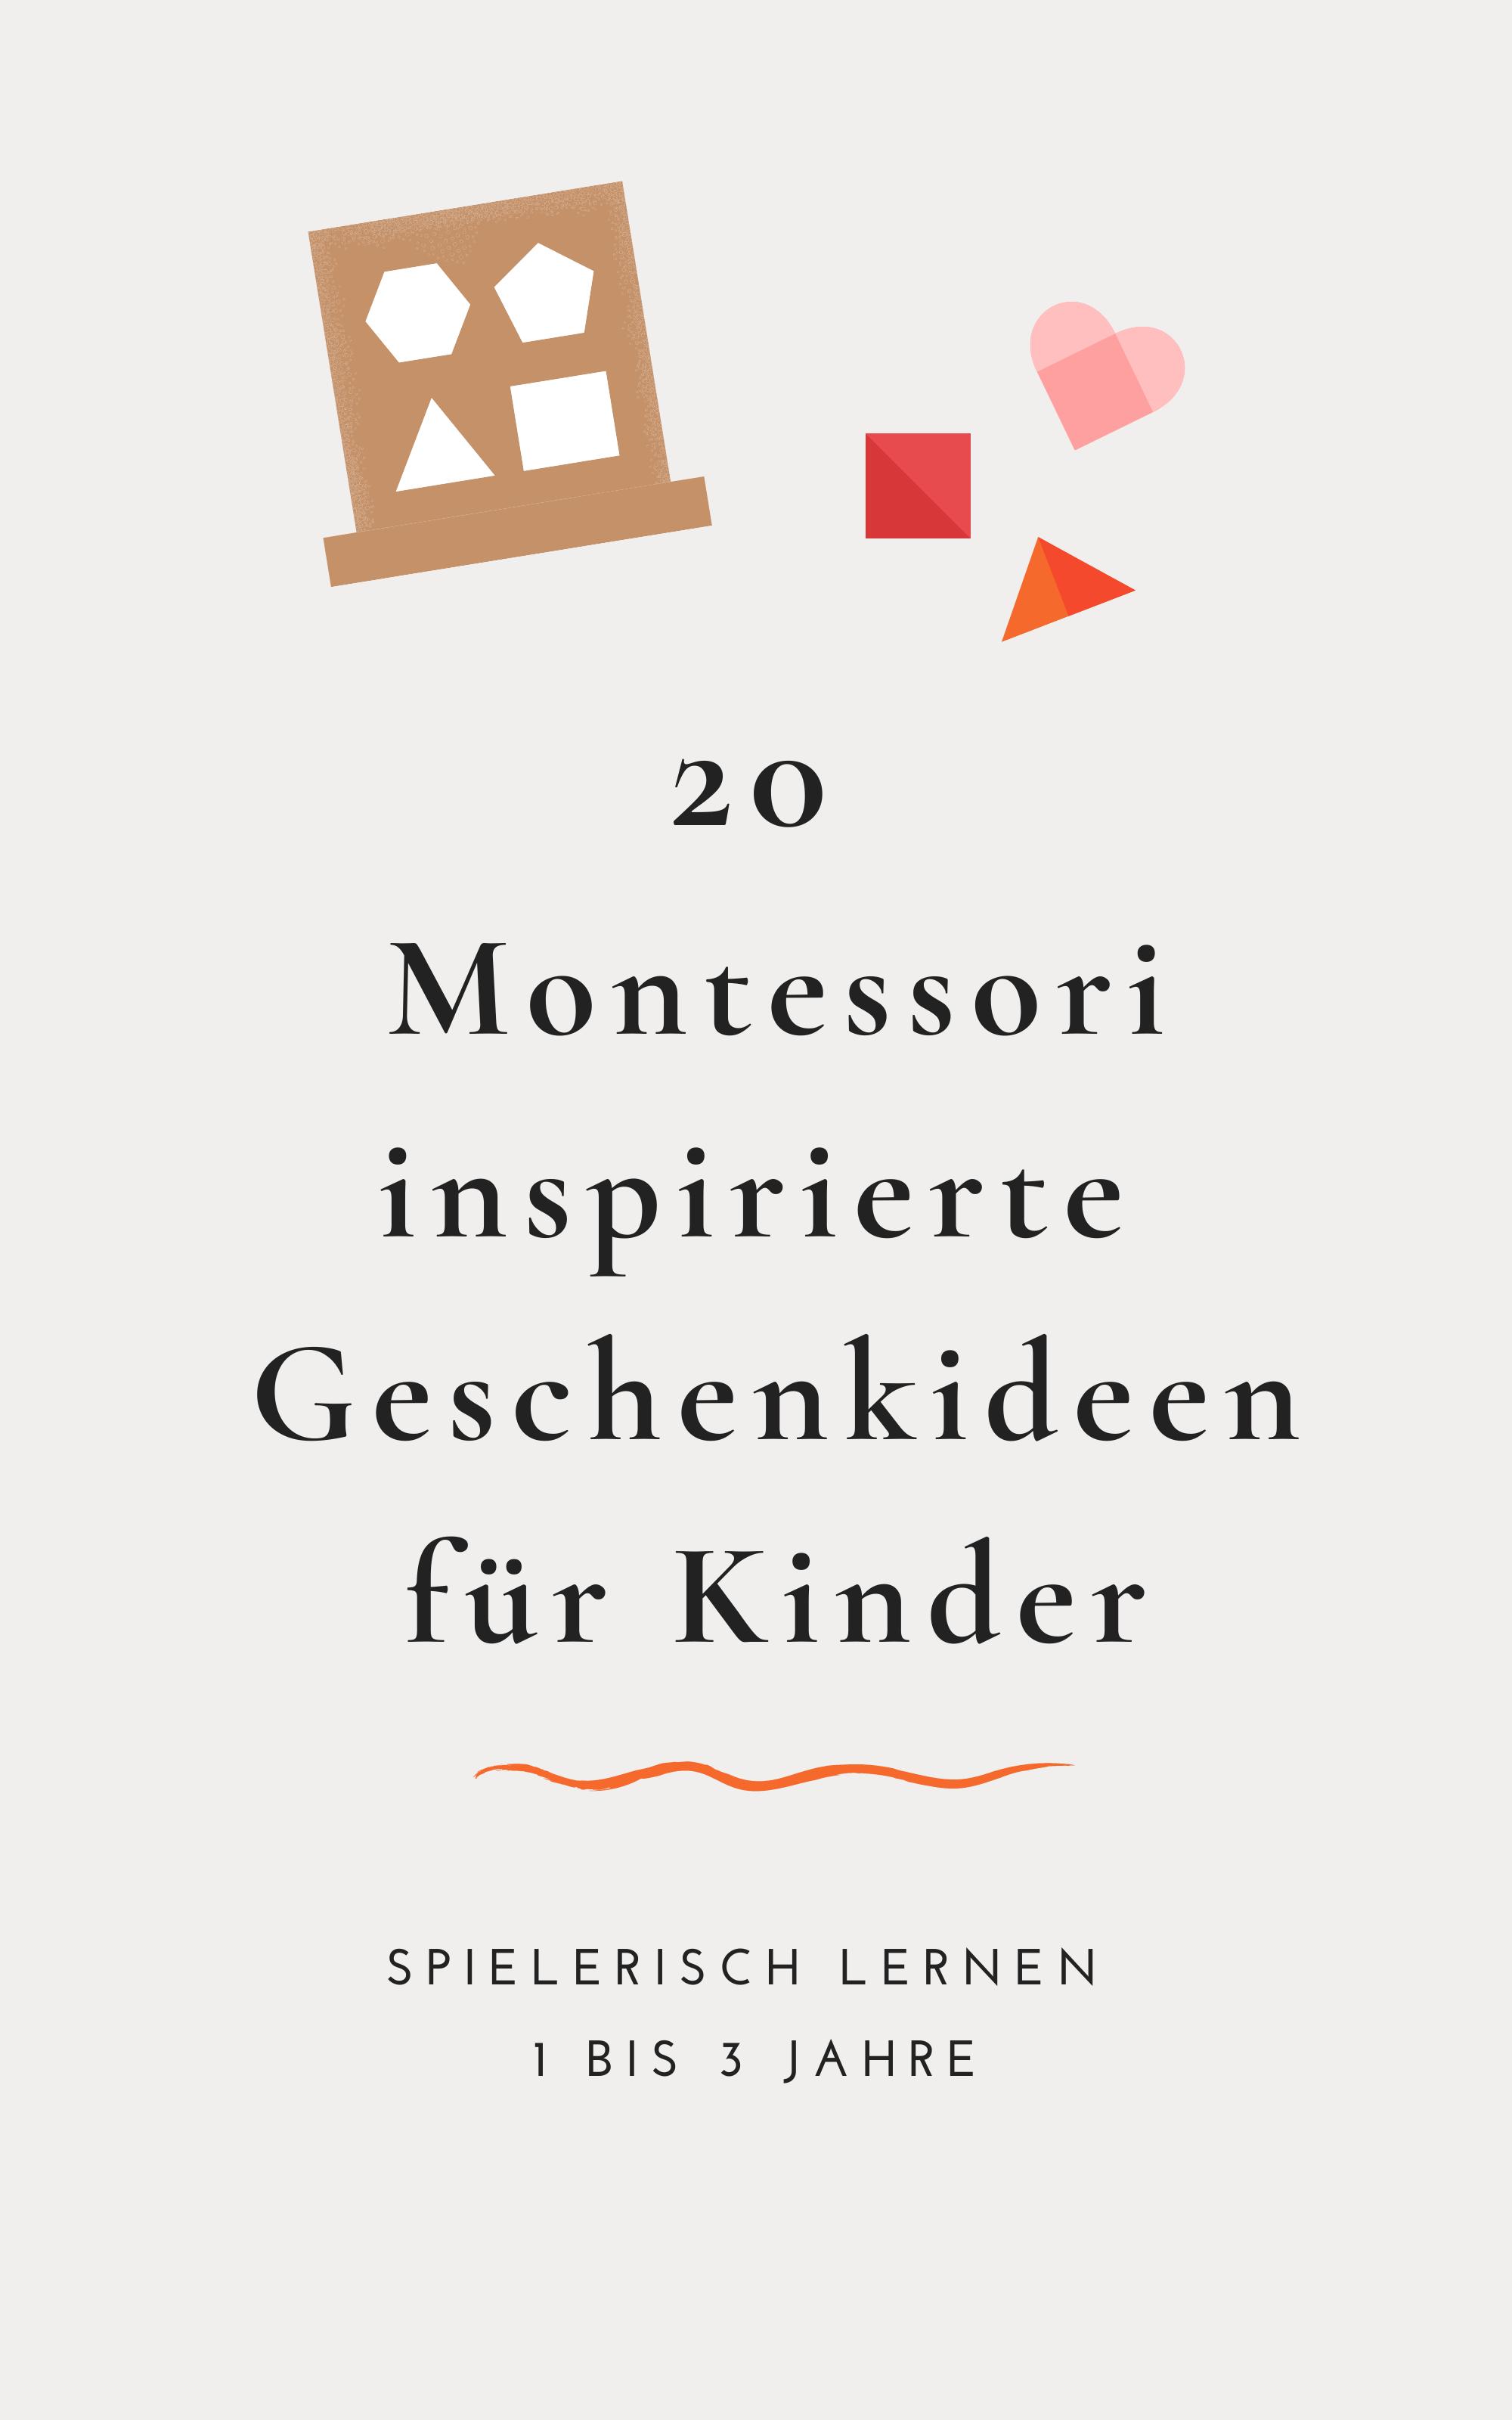 Geschenkideen Nach Maria Montessori 20 Sinnvolle Geschenke Fur Kinder